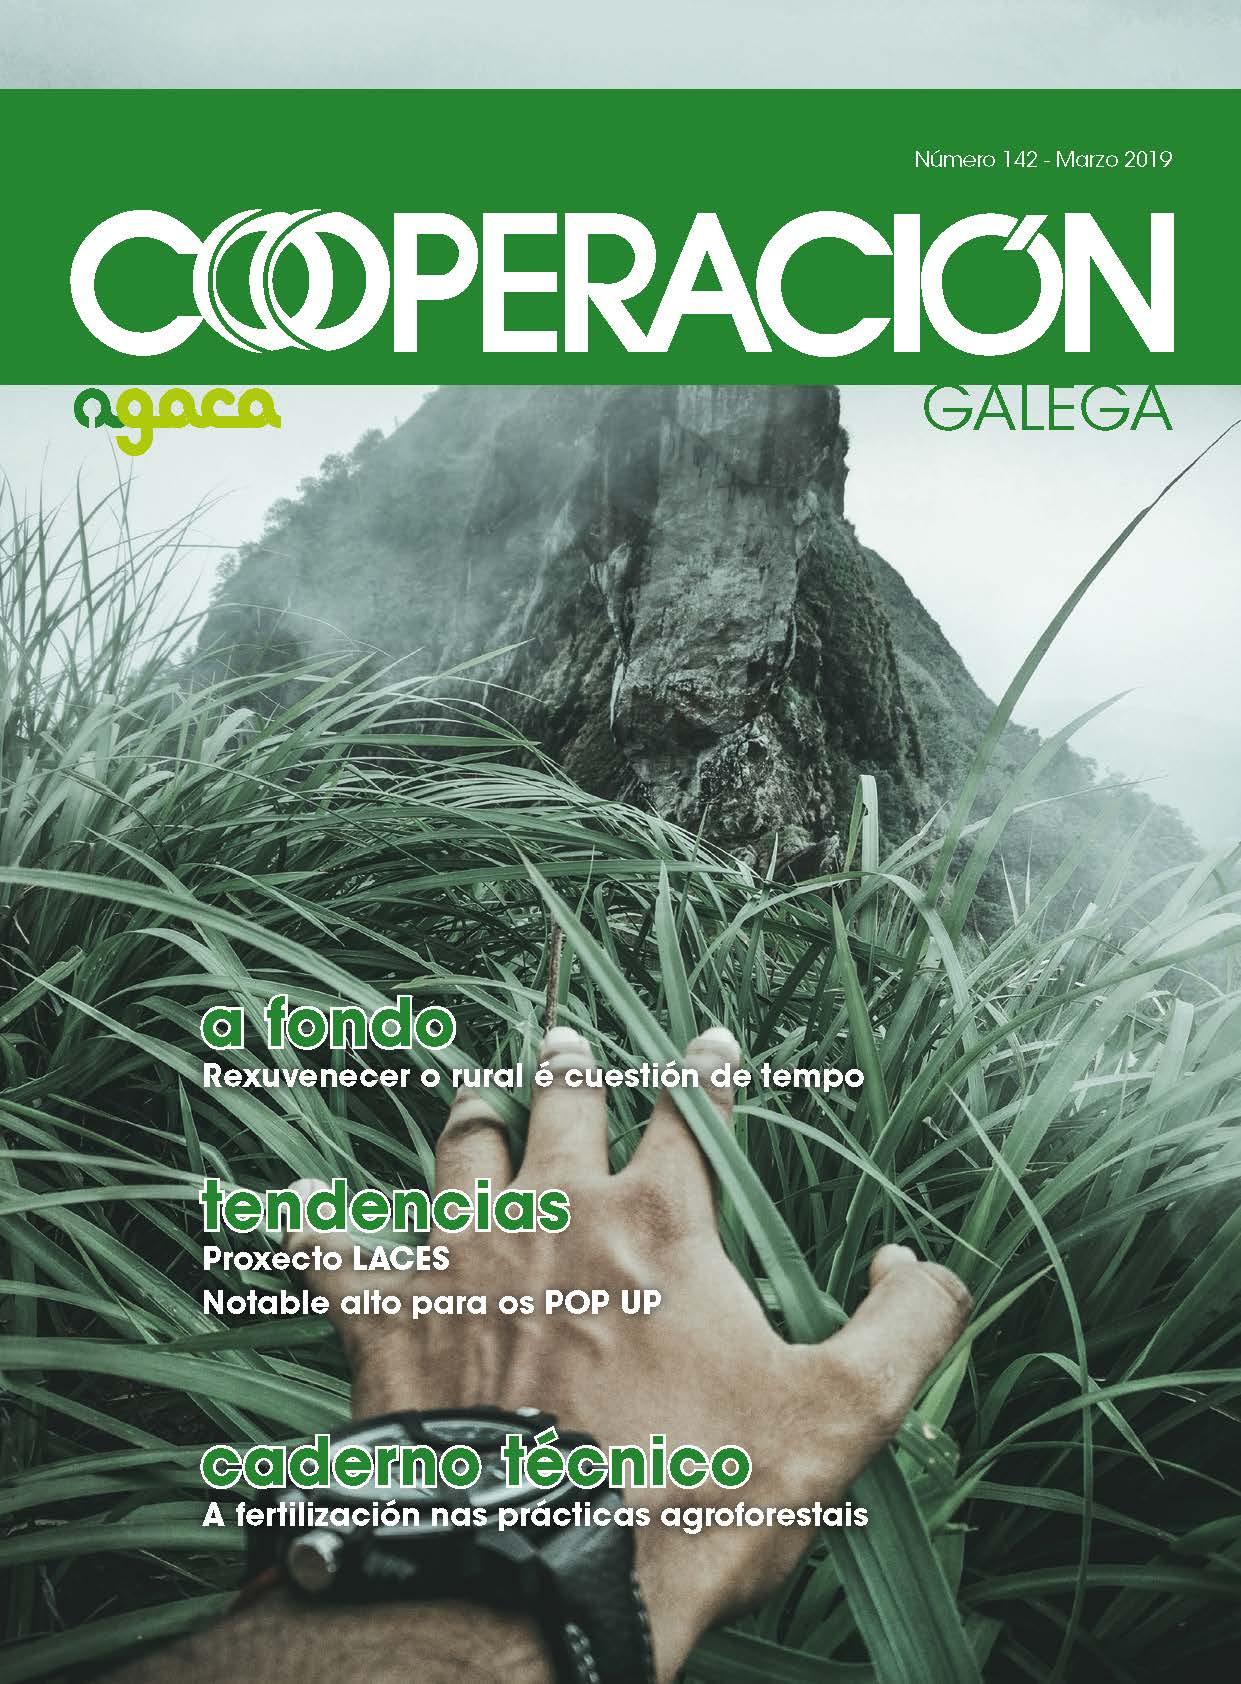 Cooperación Galega Nº 142 Marzo 2019